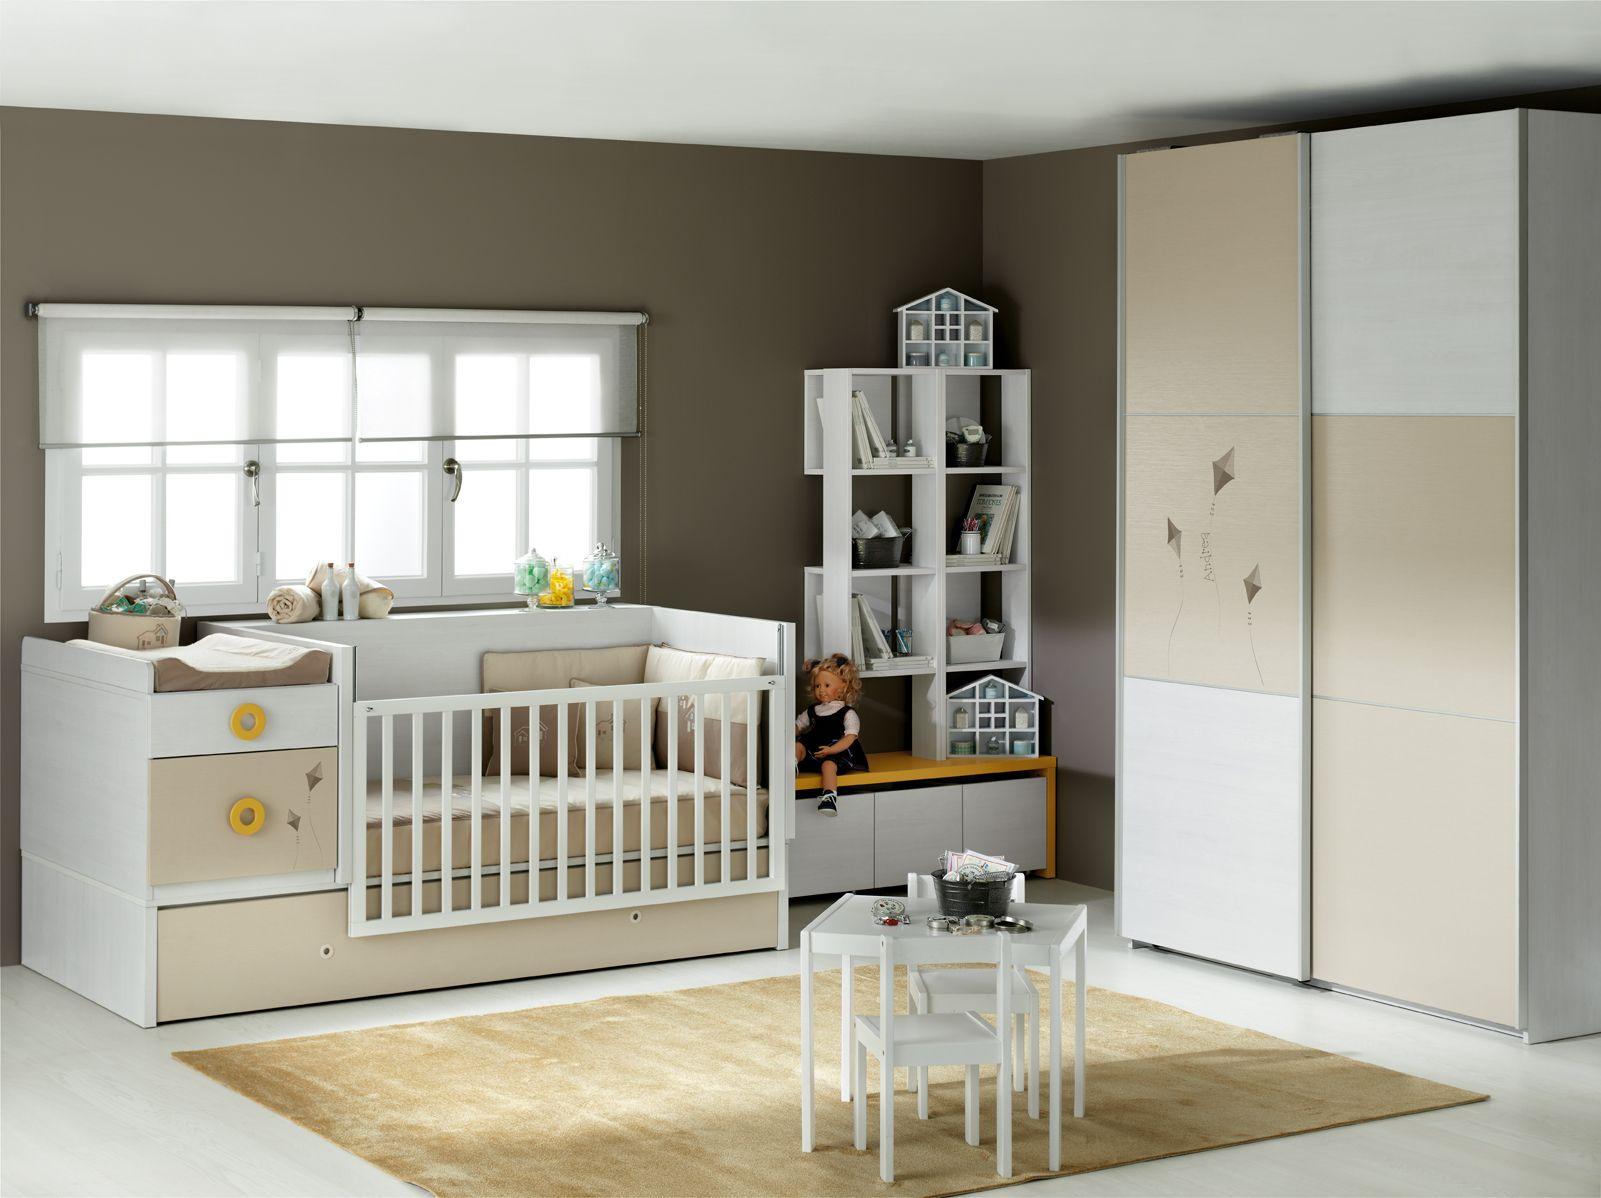 Muebles rey dormitorios juveniles awesome elegante - Muebles segunda mano valladolid ...